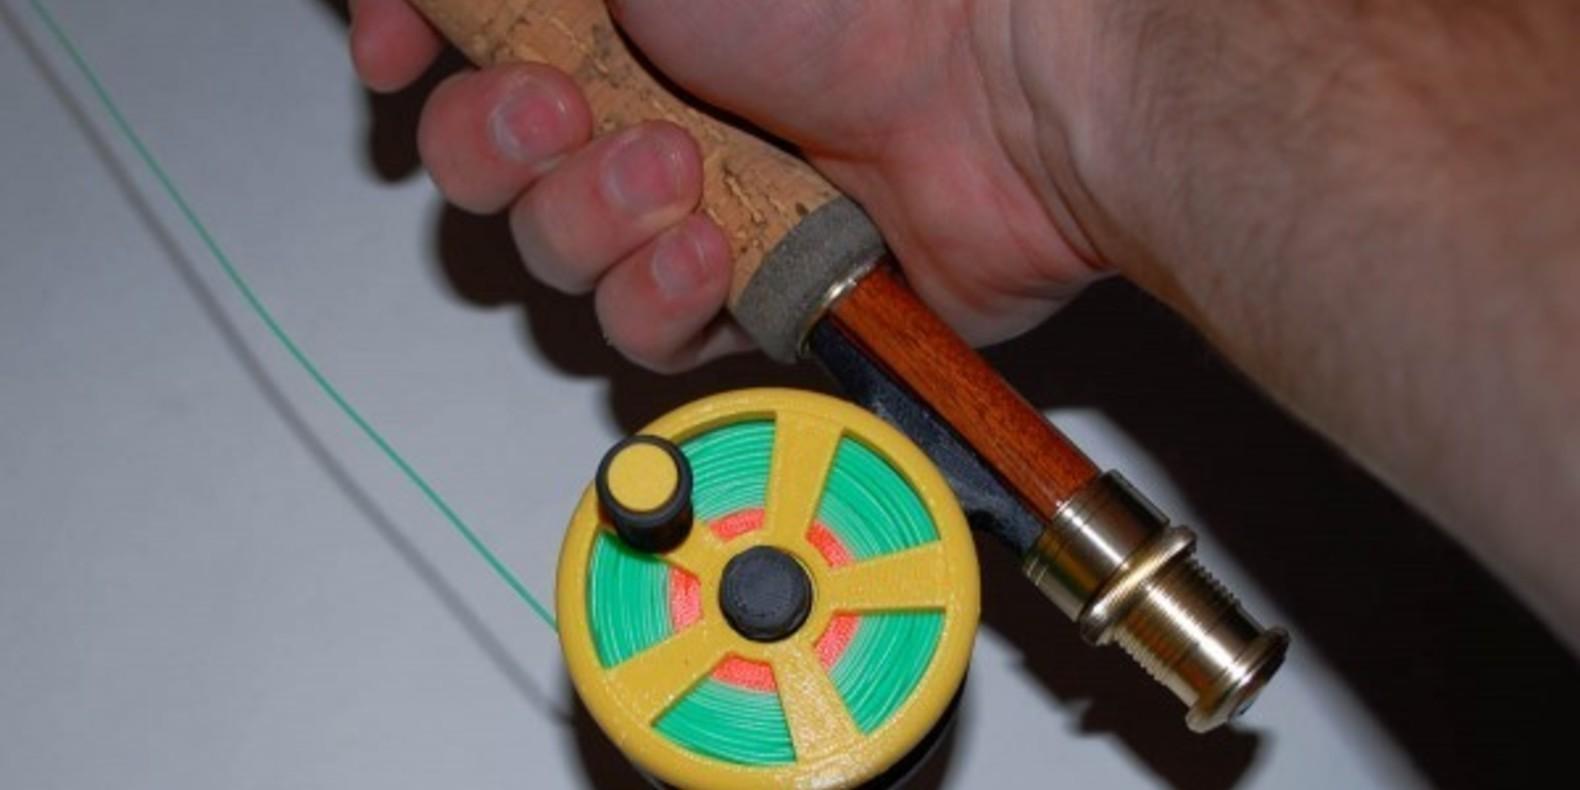 fly-fishing-pêche-à-la-mouche-fouet-leurre-moulinet-fichier-3D-imprimé-en-3D-cults-3.jpg